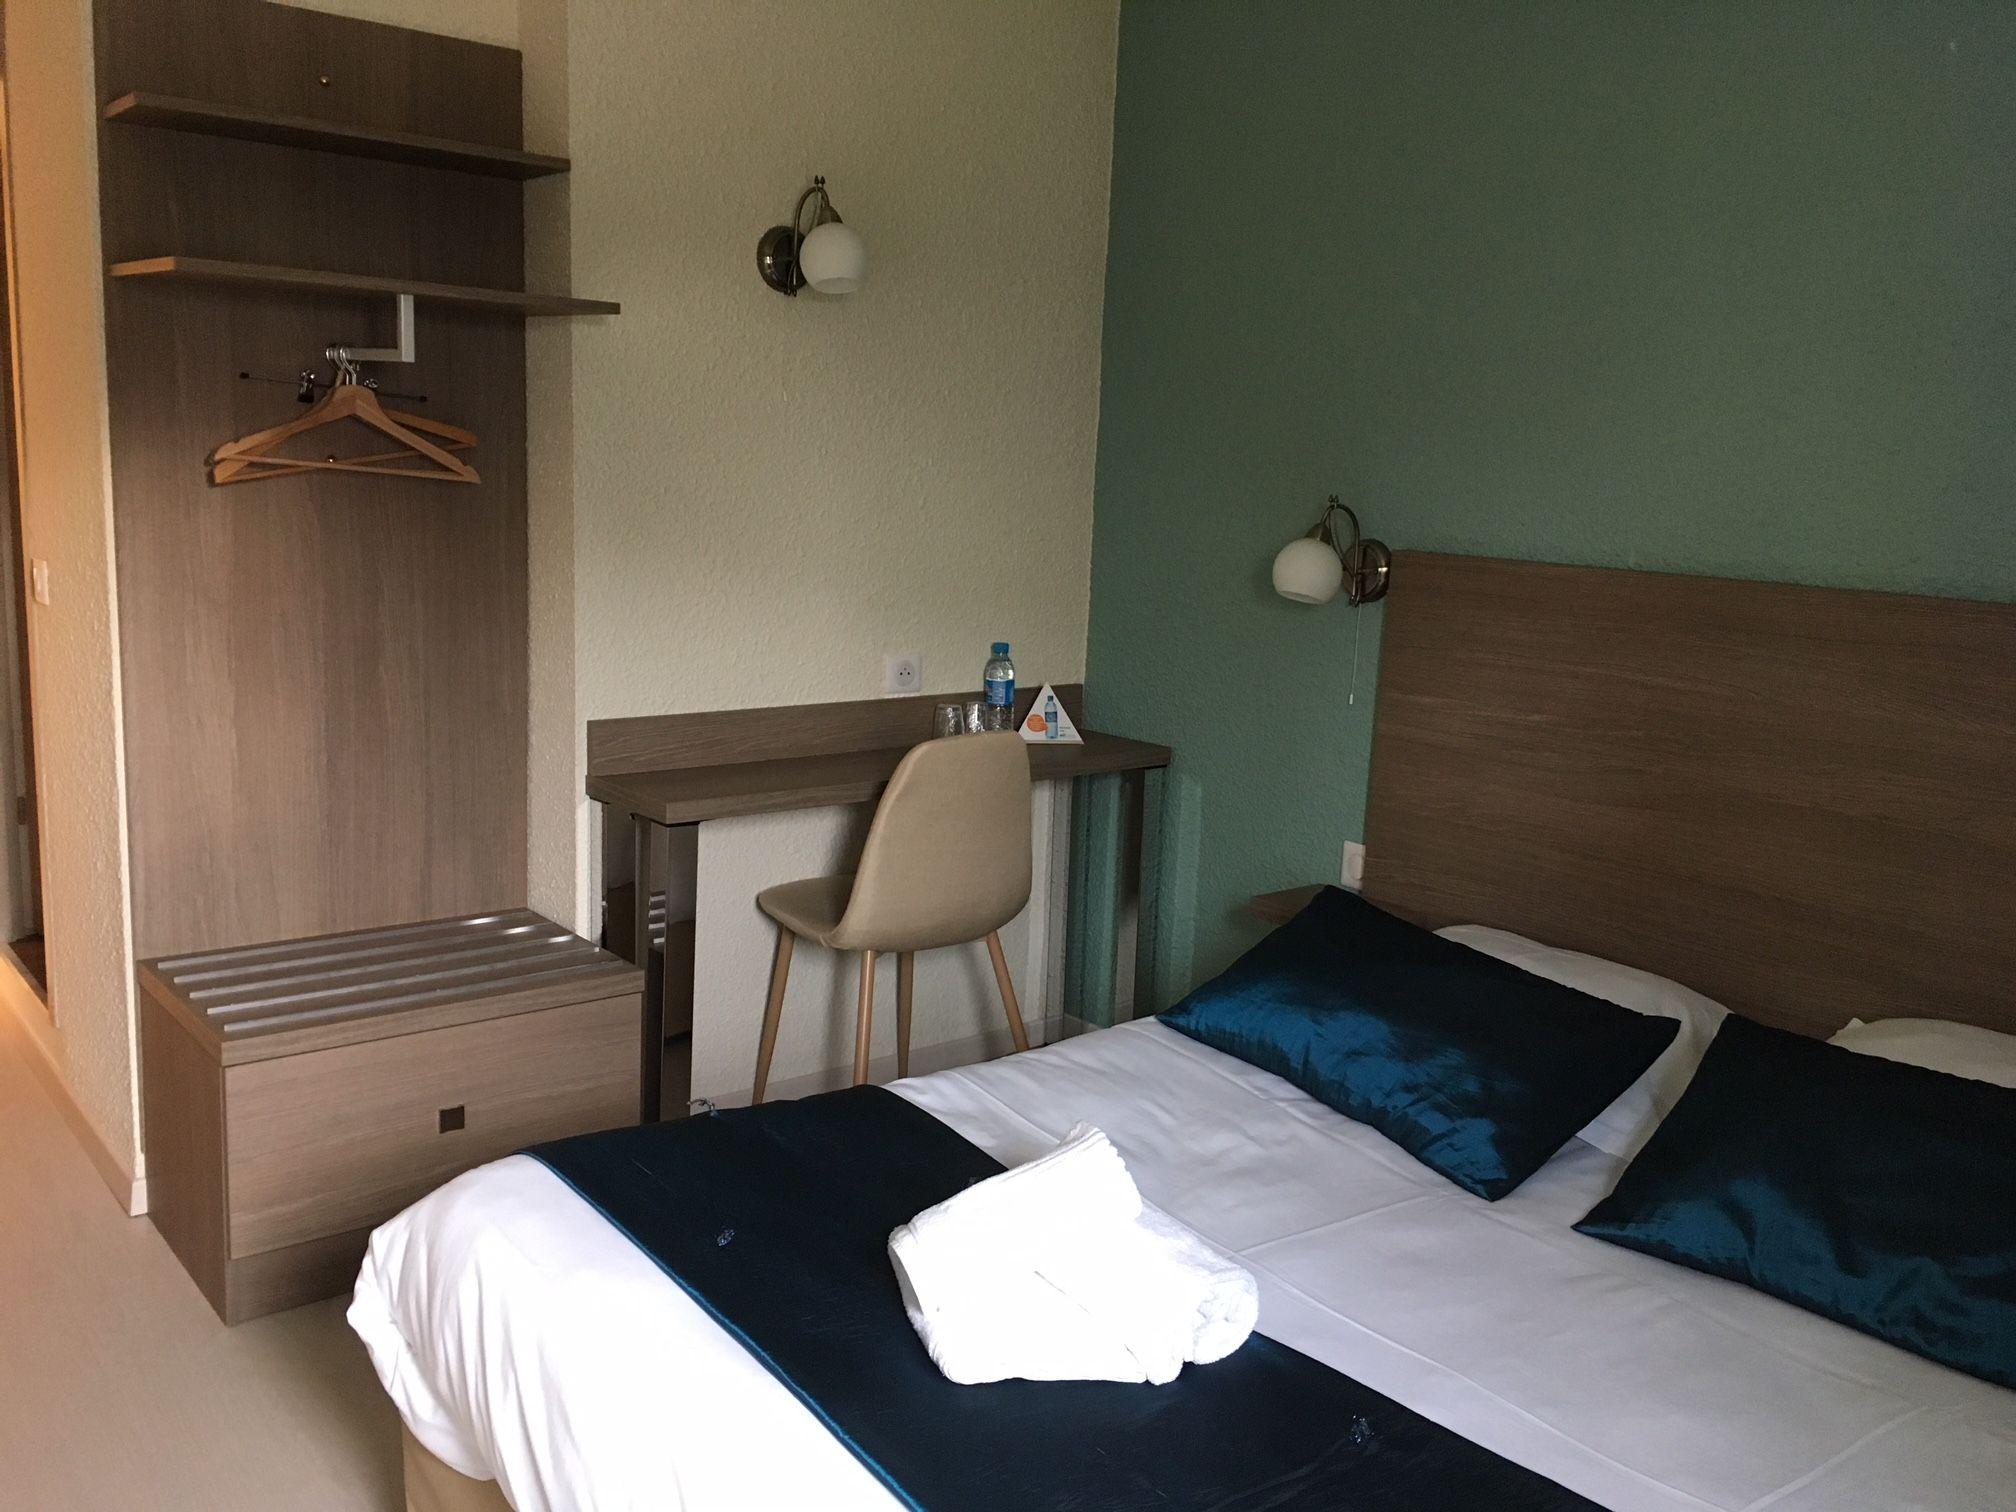 Hotel salon de provence meilleur tarif garanti - Hotel bb salon de provence ...